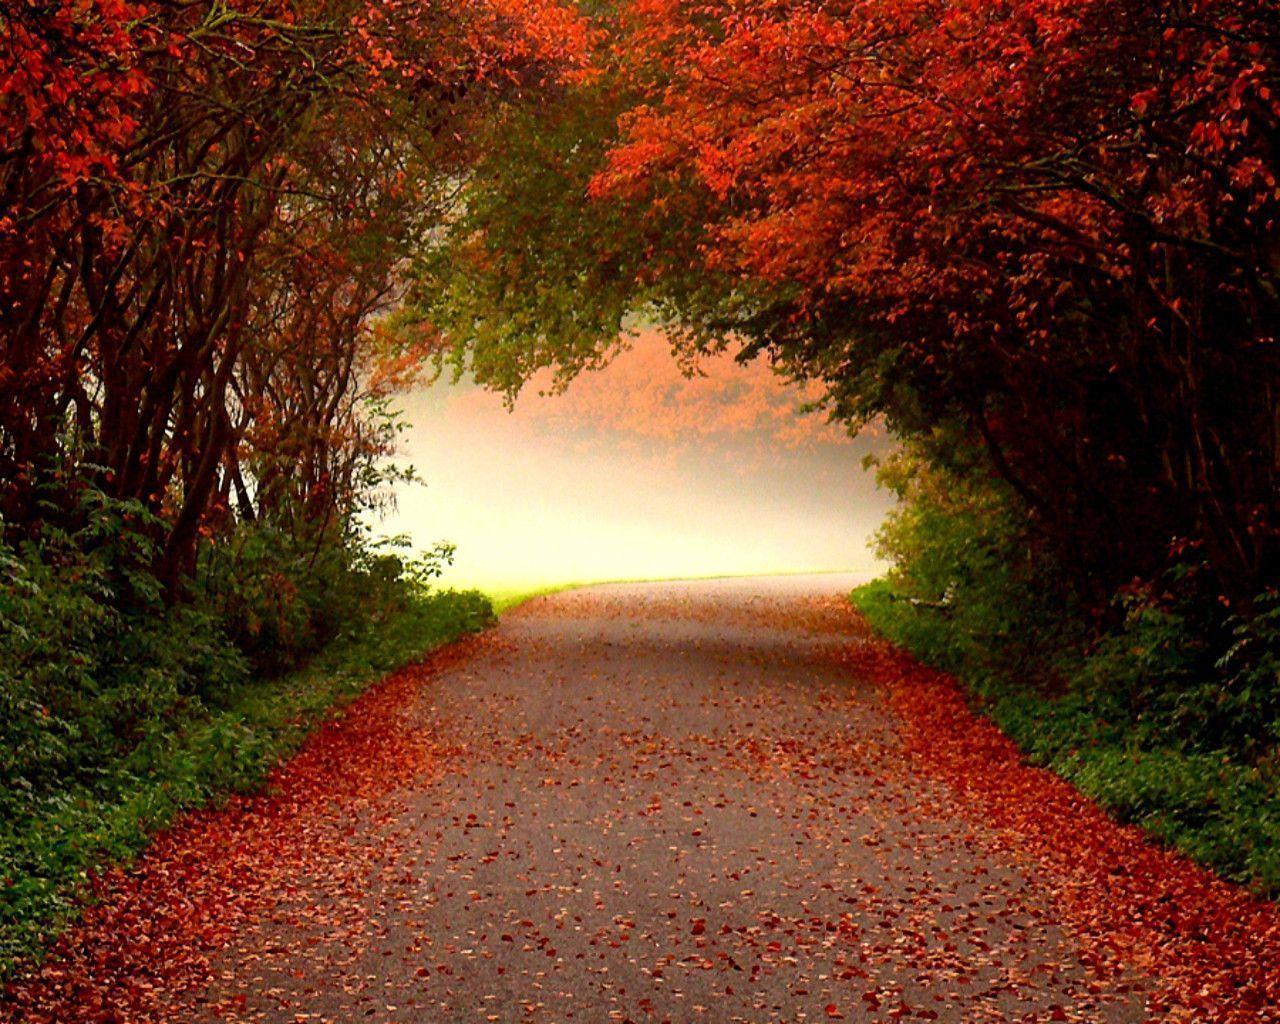 Fall Backgrounds Desktop 1280x1024